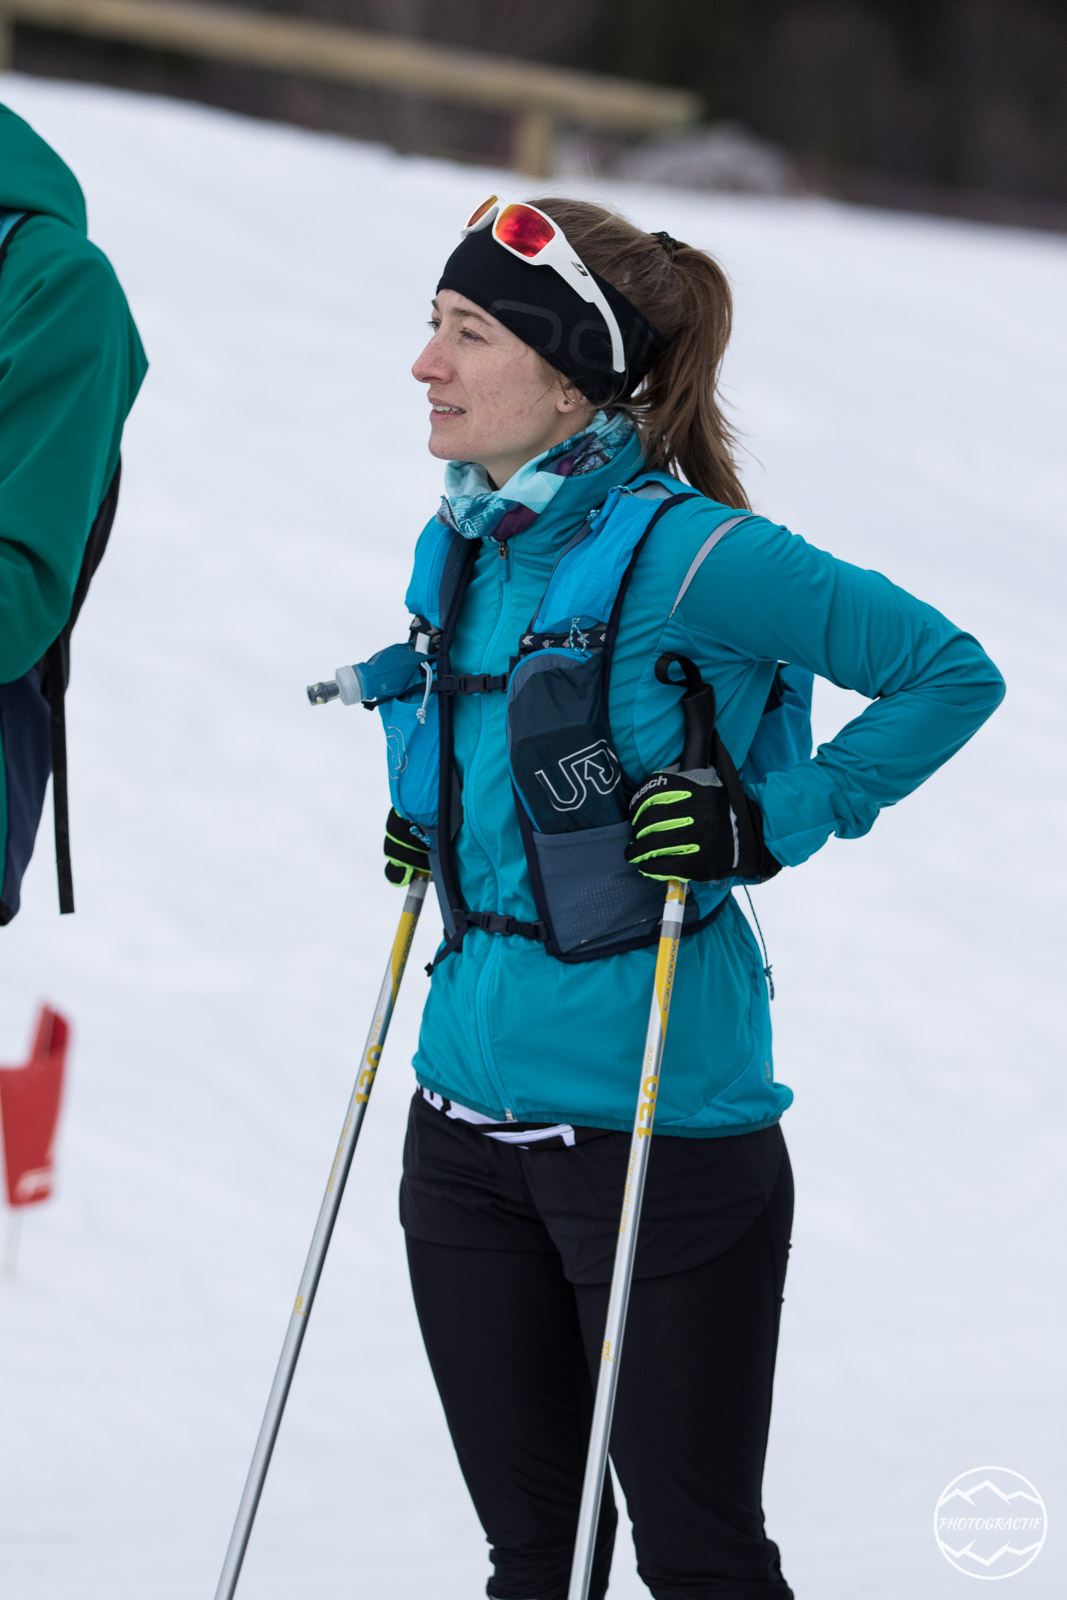 DSN Entrainement Ski Raquettes (1)